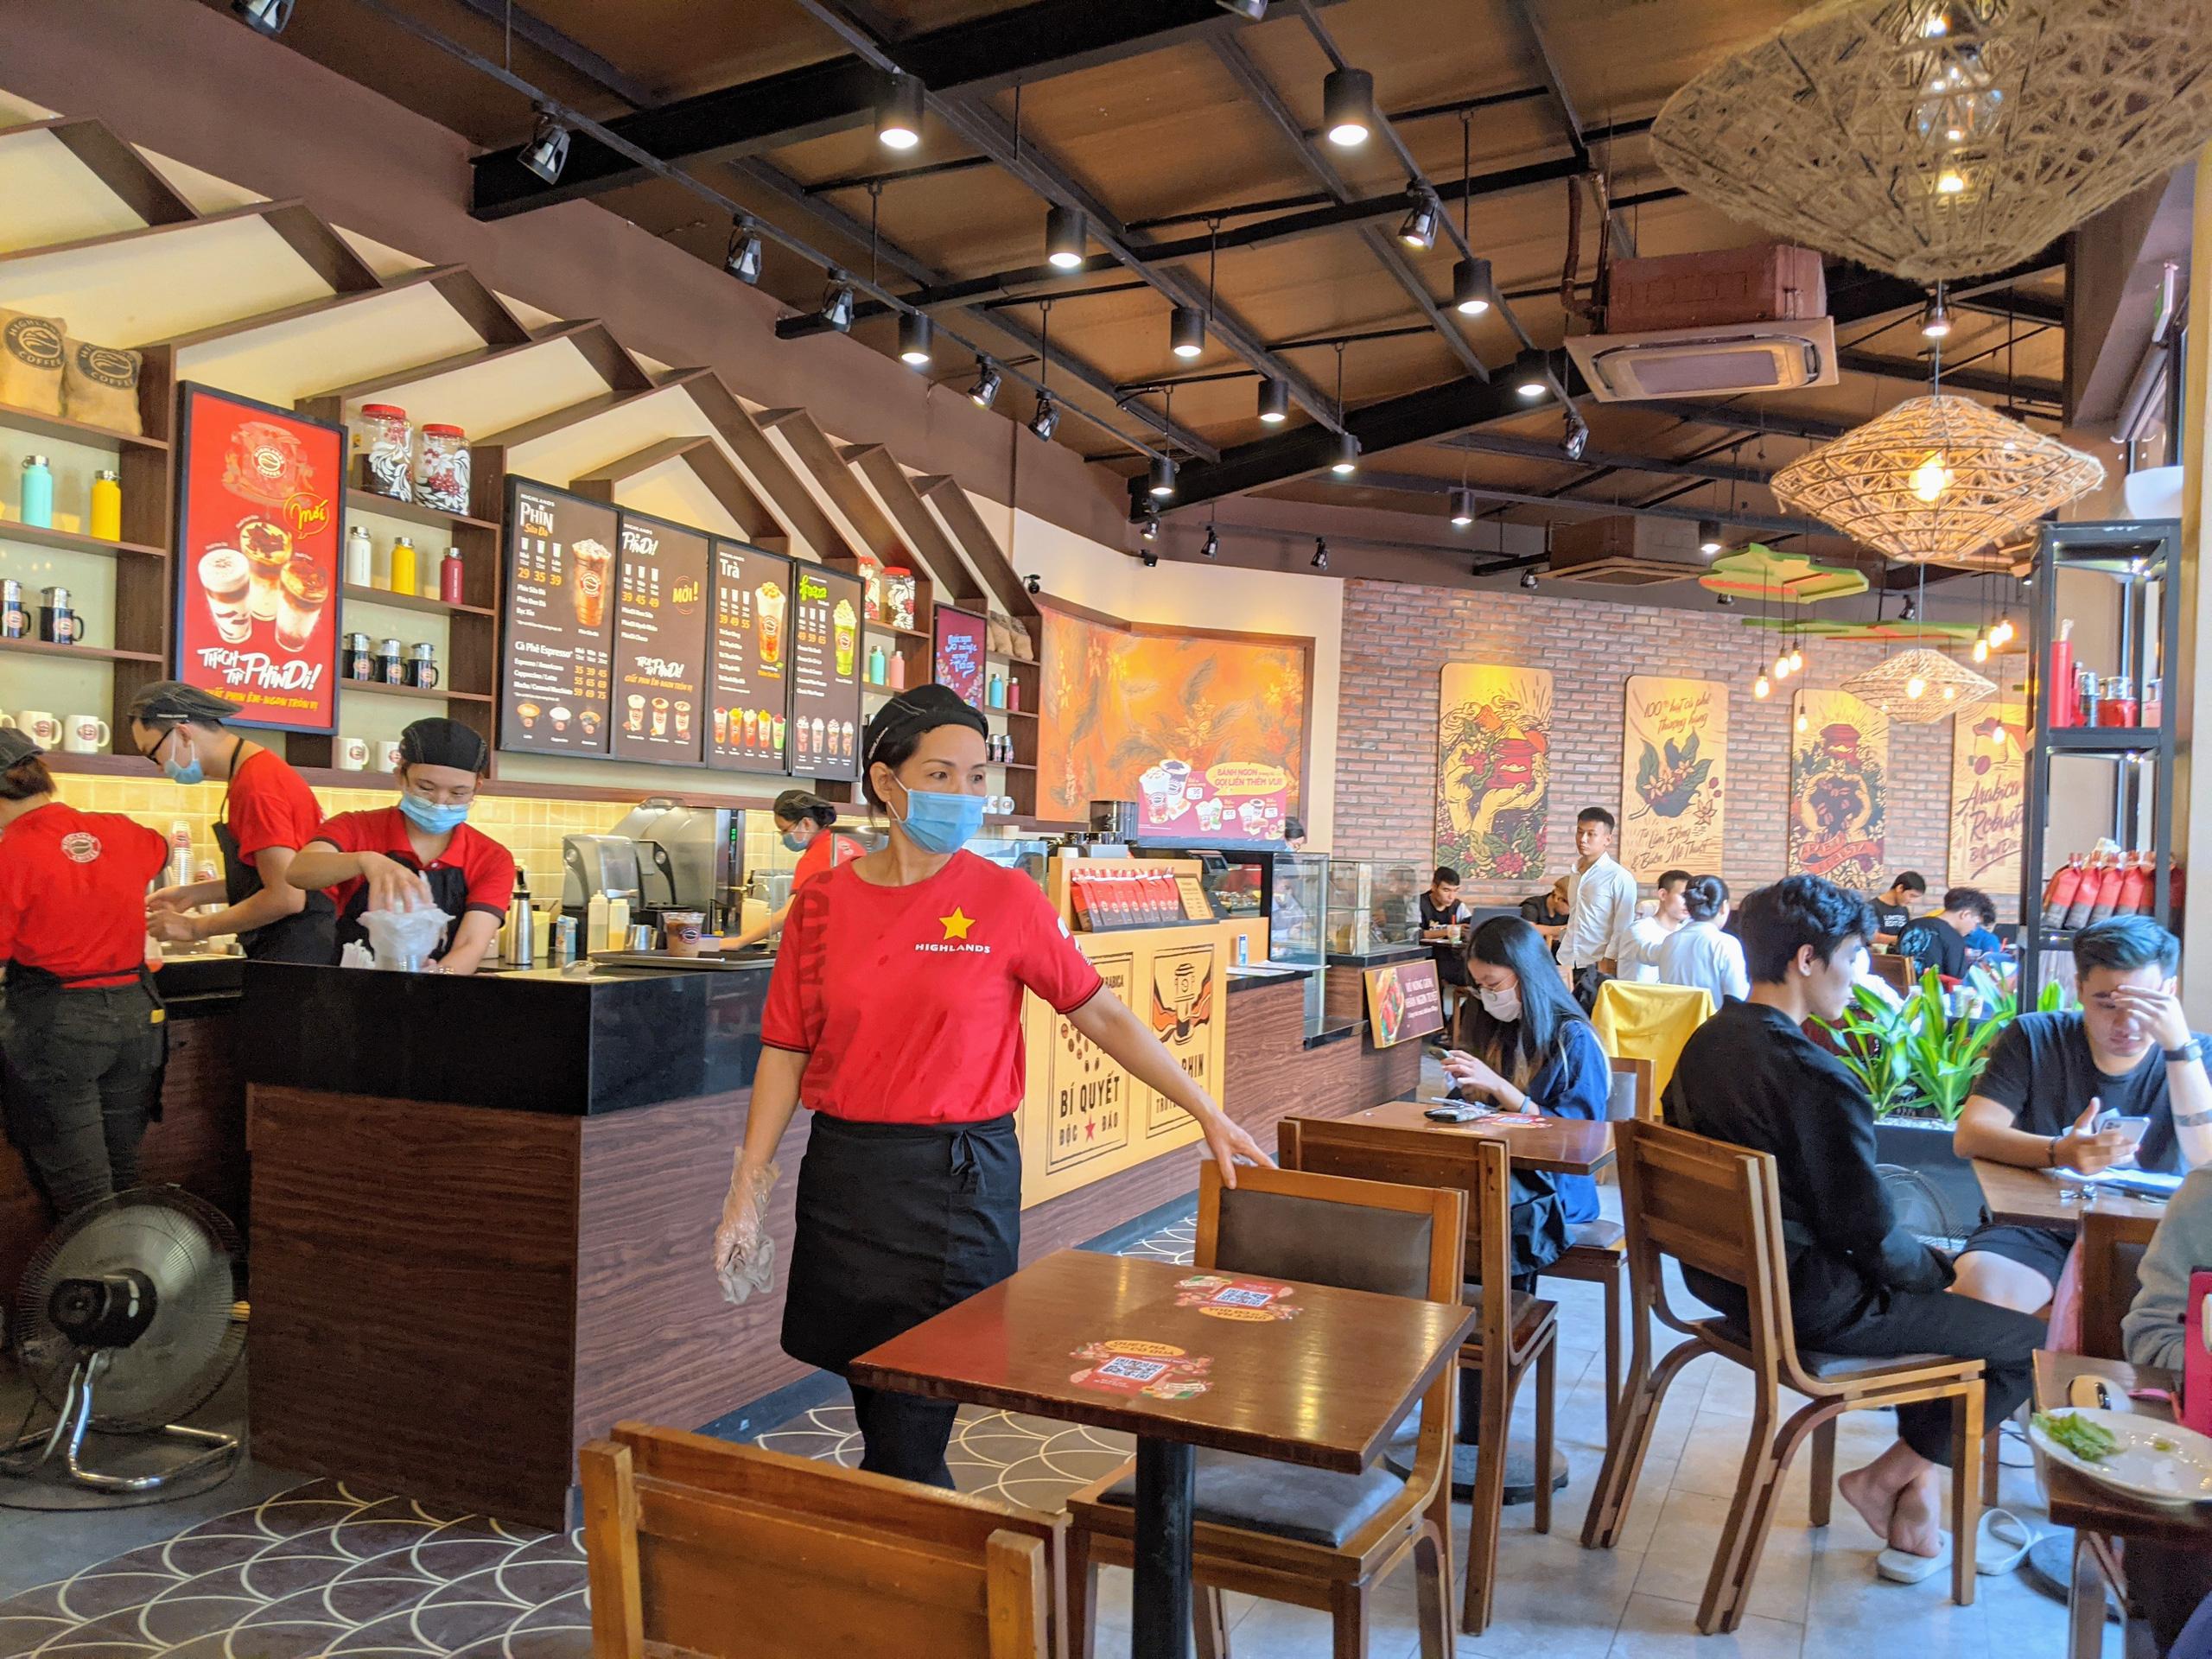 Từ Starbucks tới Ông Bầu: Khi cà phê được đưa về giá trị thật - Ảnh 4.